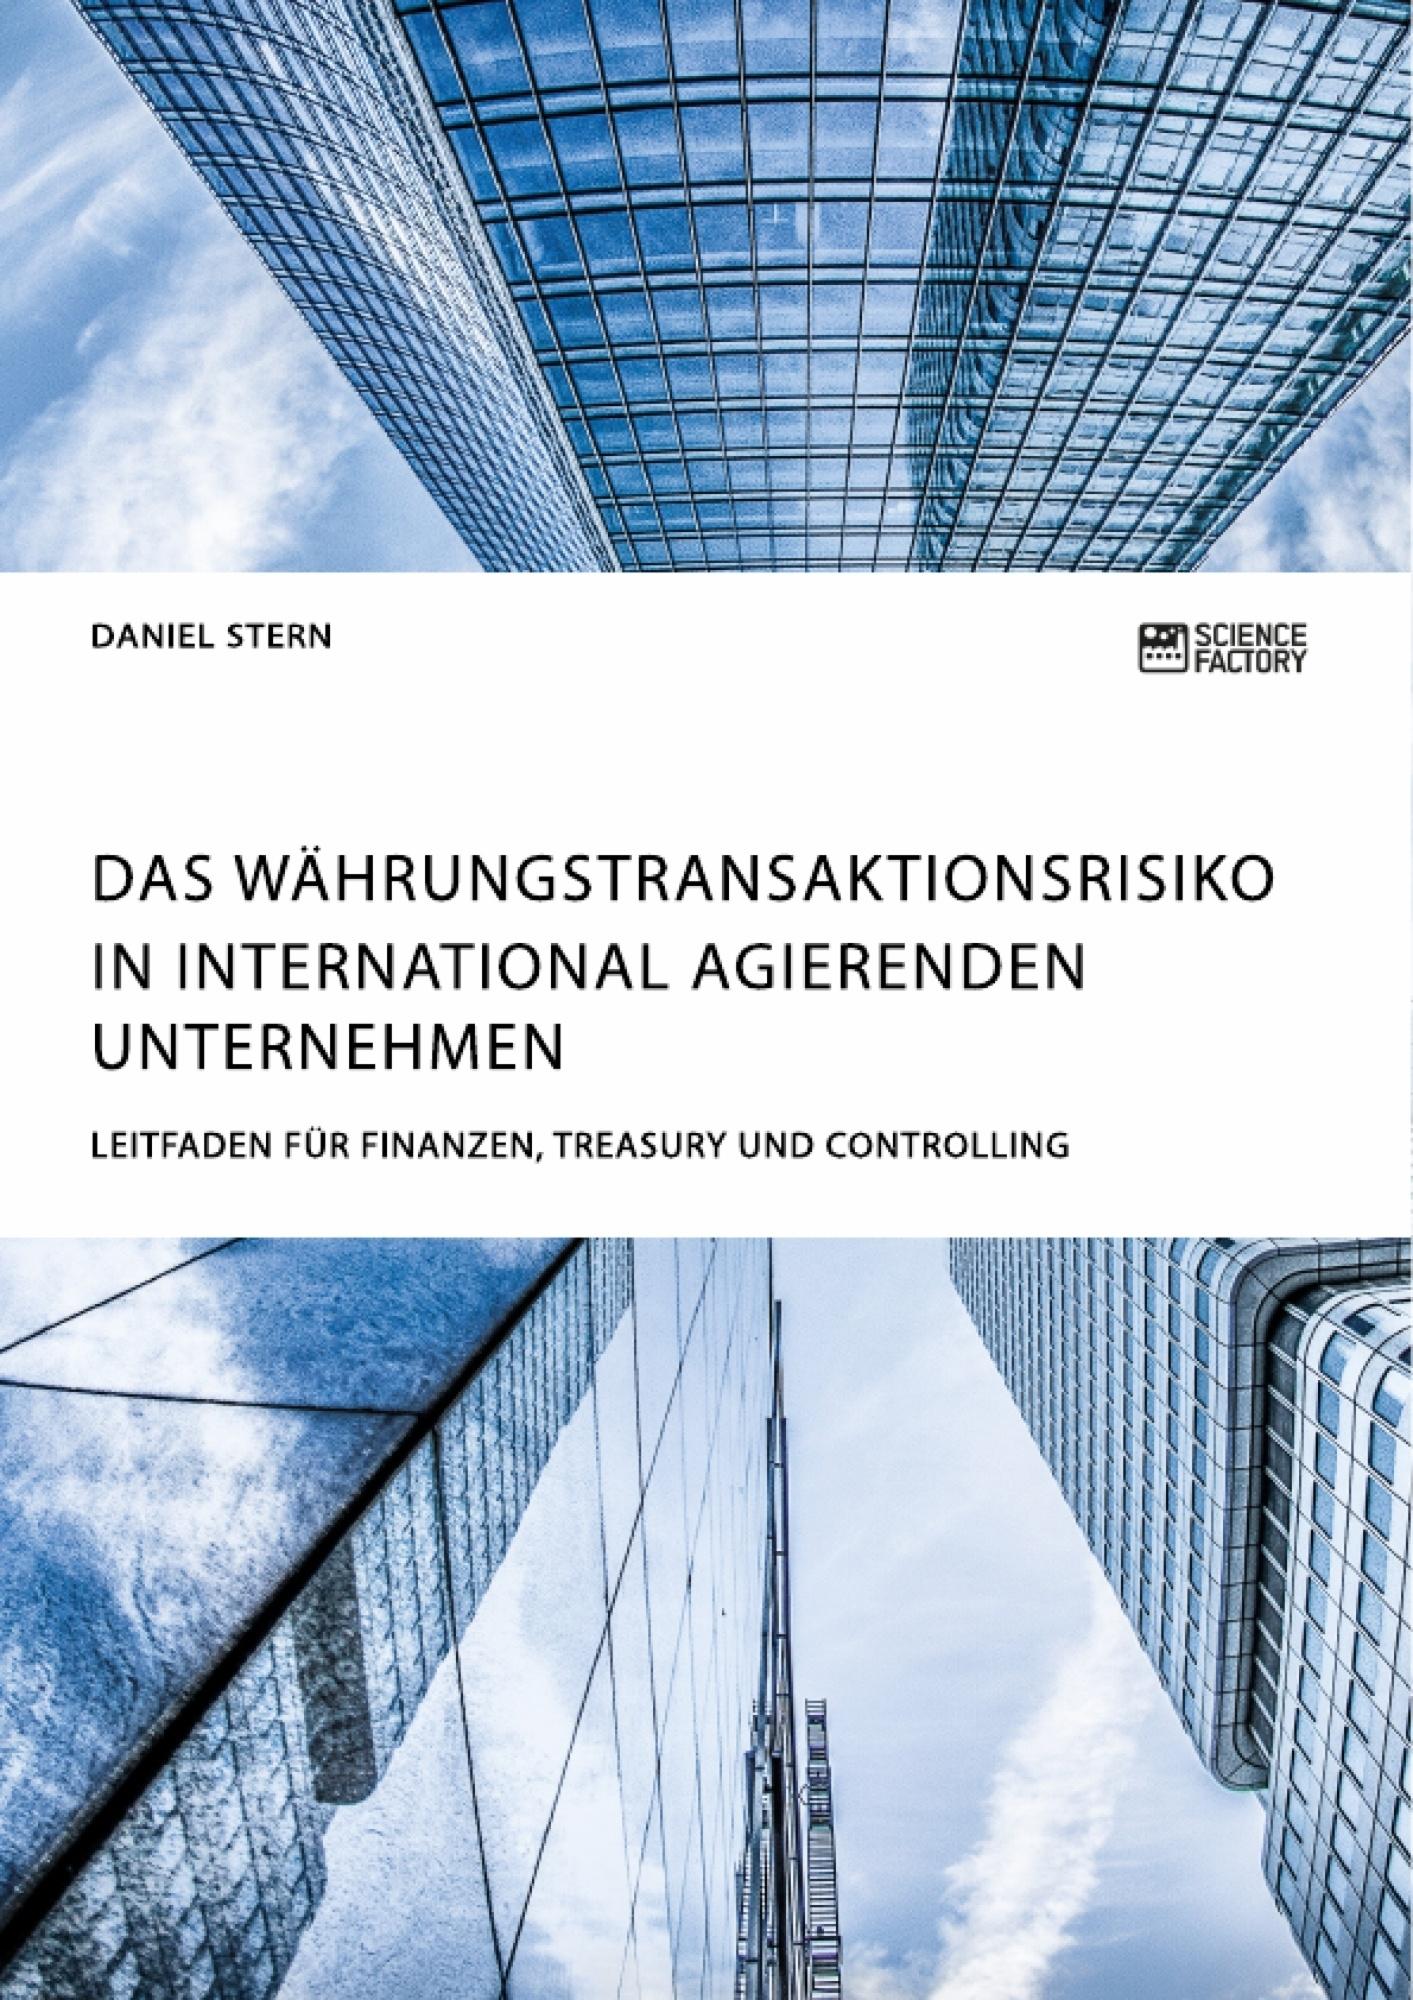 Titel: Das Währungstransaktionsrisiko in international agierenden Unternehmen. Leitfaden für Finanzen, Treasury und Controlling